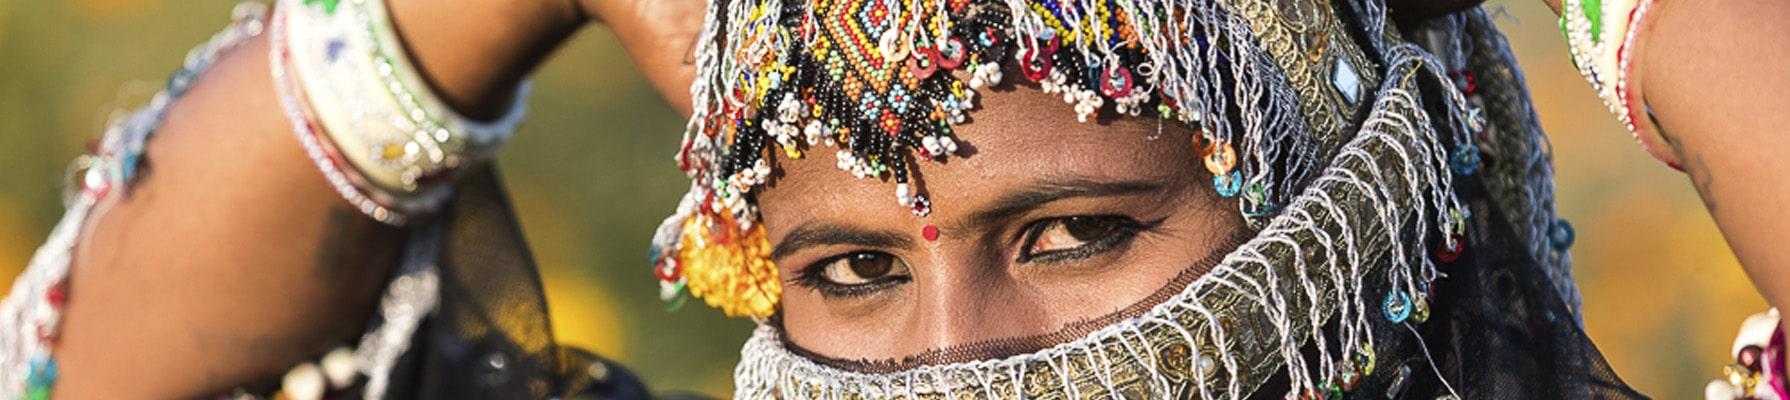 Photo-Tours-India